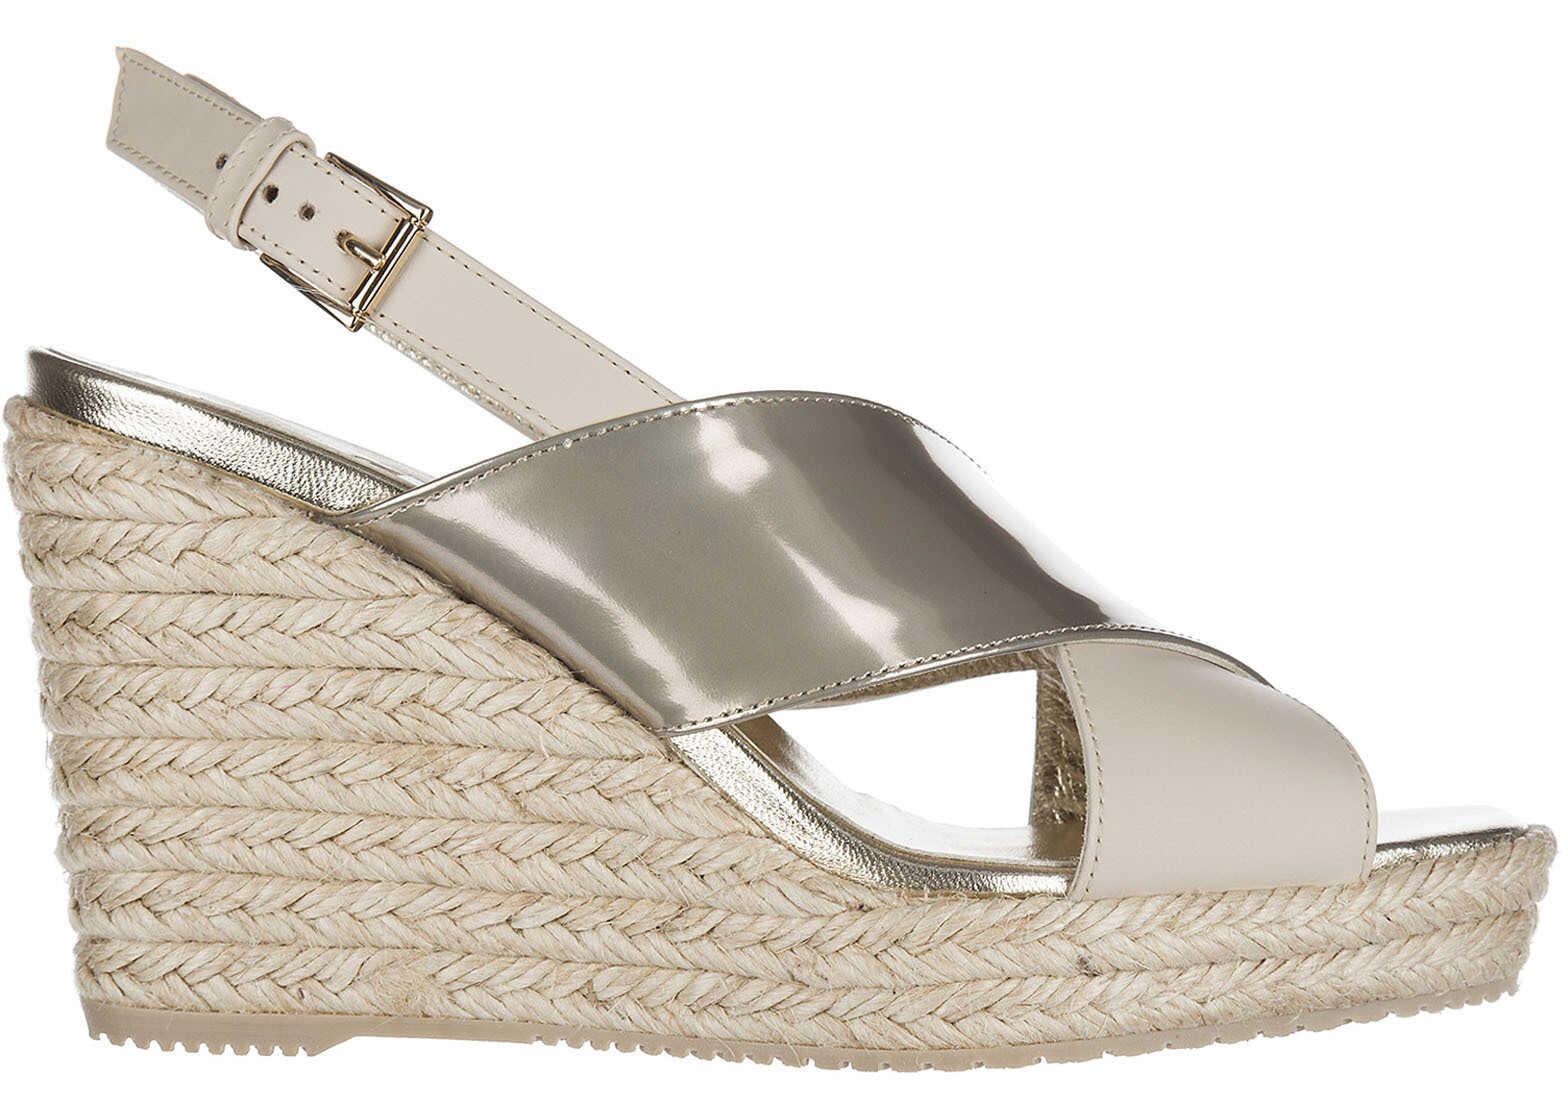 Hogan Wedges Sandals Beige